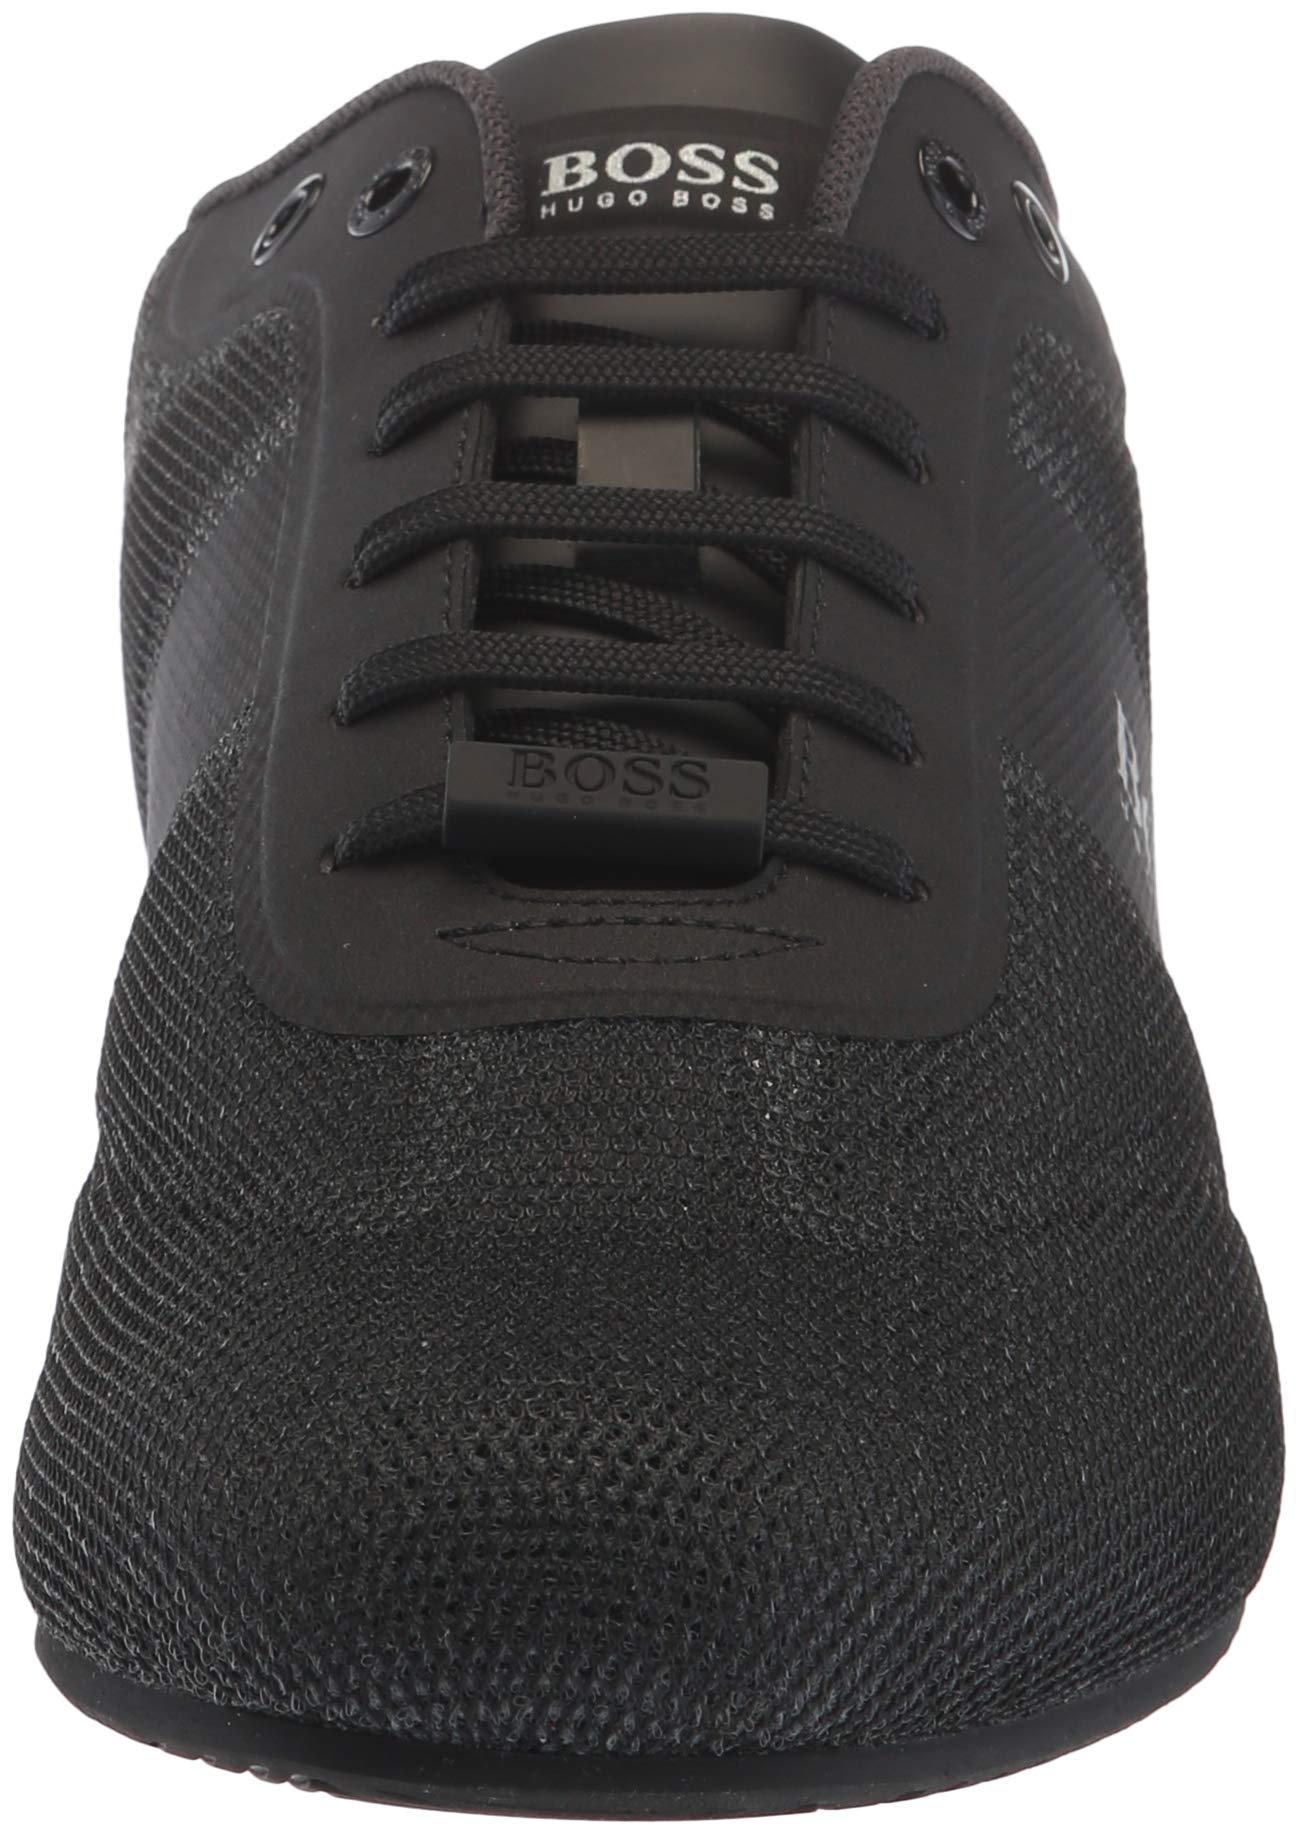 Hugo Boss BOSS Green Men's Lighter Low Mesh Sneaker, Black 8 Medium US by Hugo Boss (Image #4)